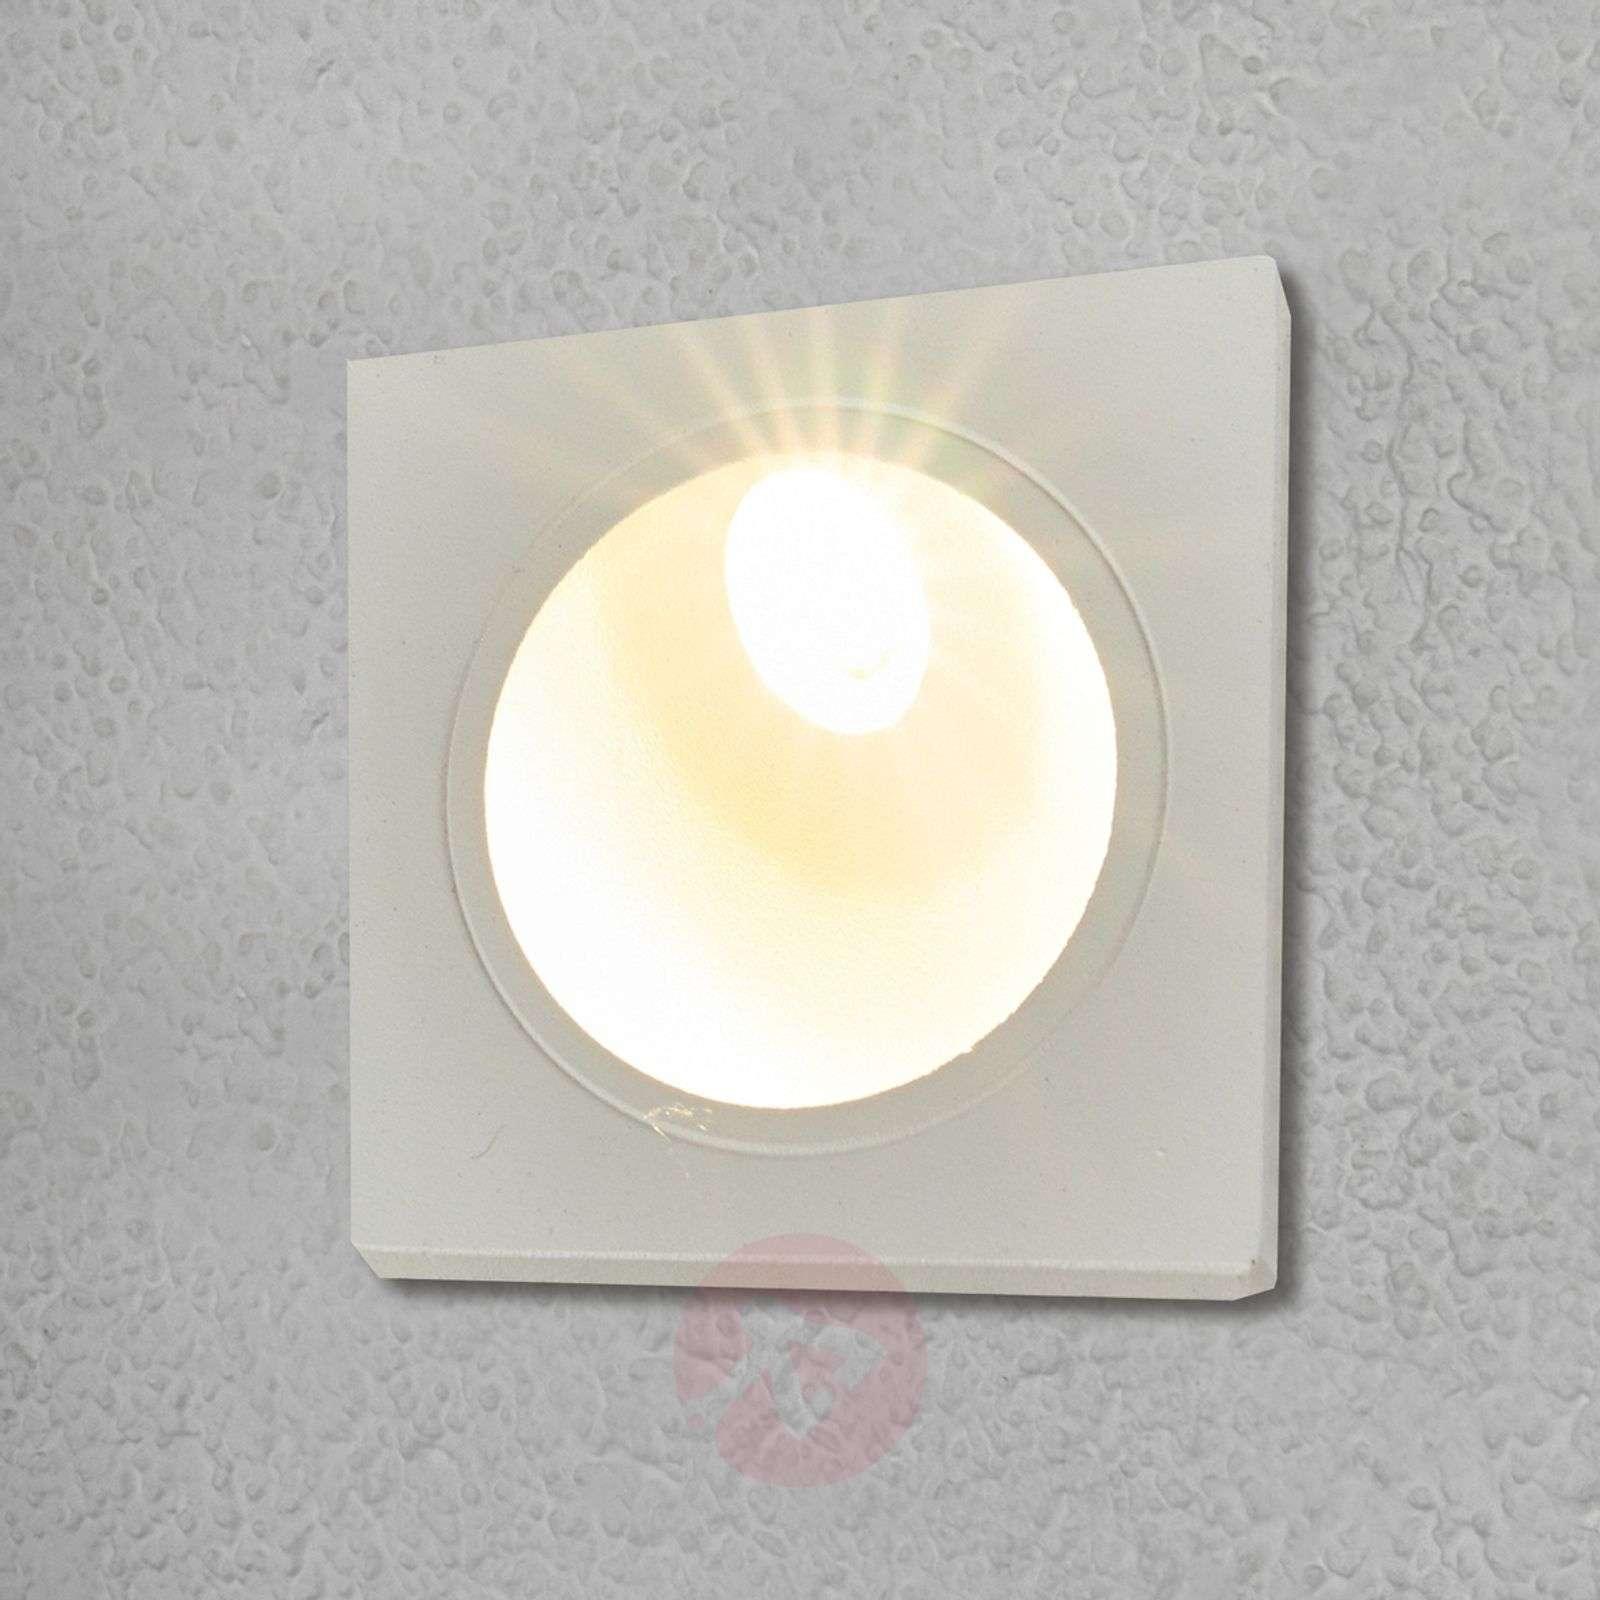 Seinäuppovalaisin Ian ulkokäyttöön, LED